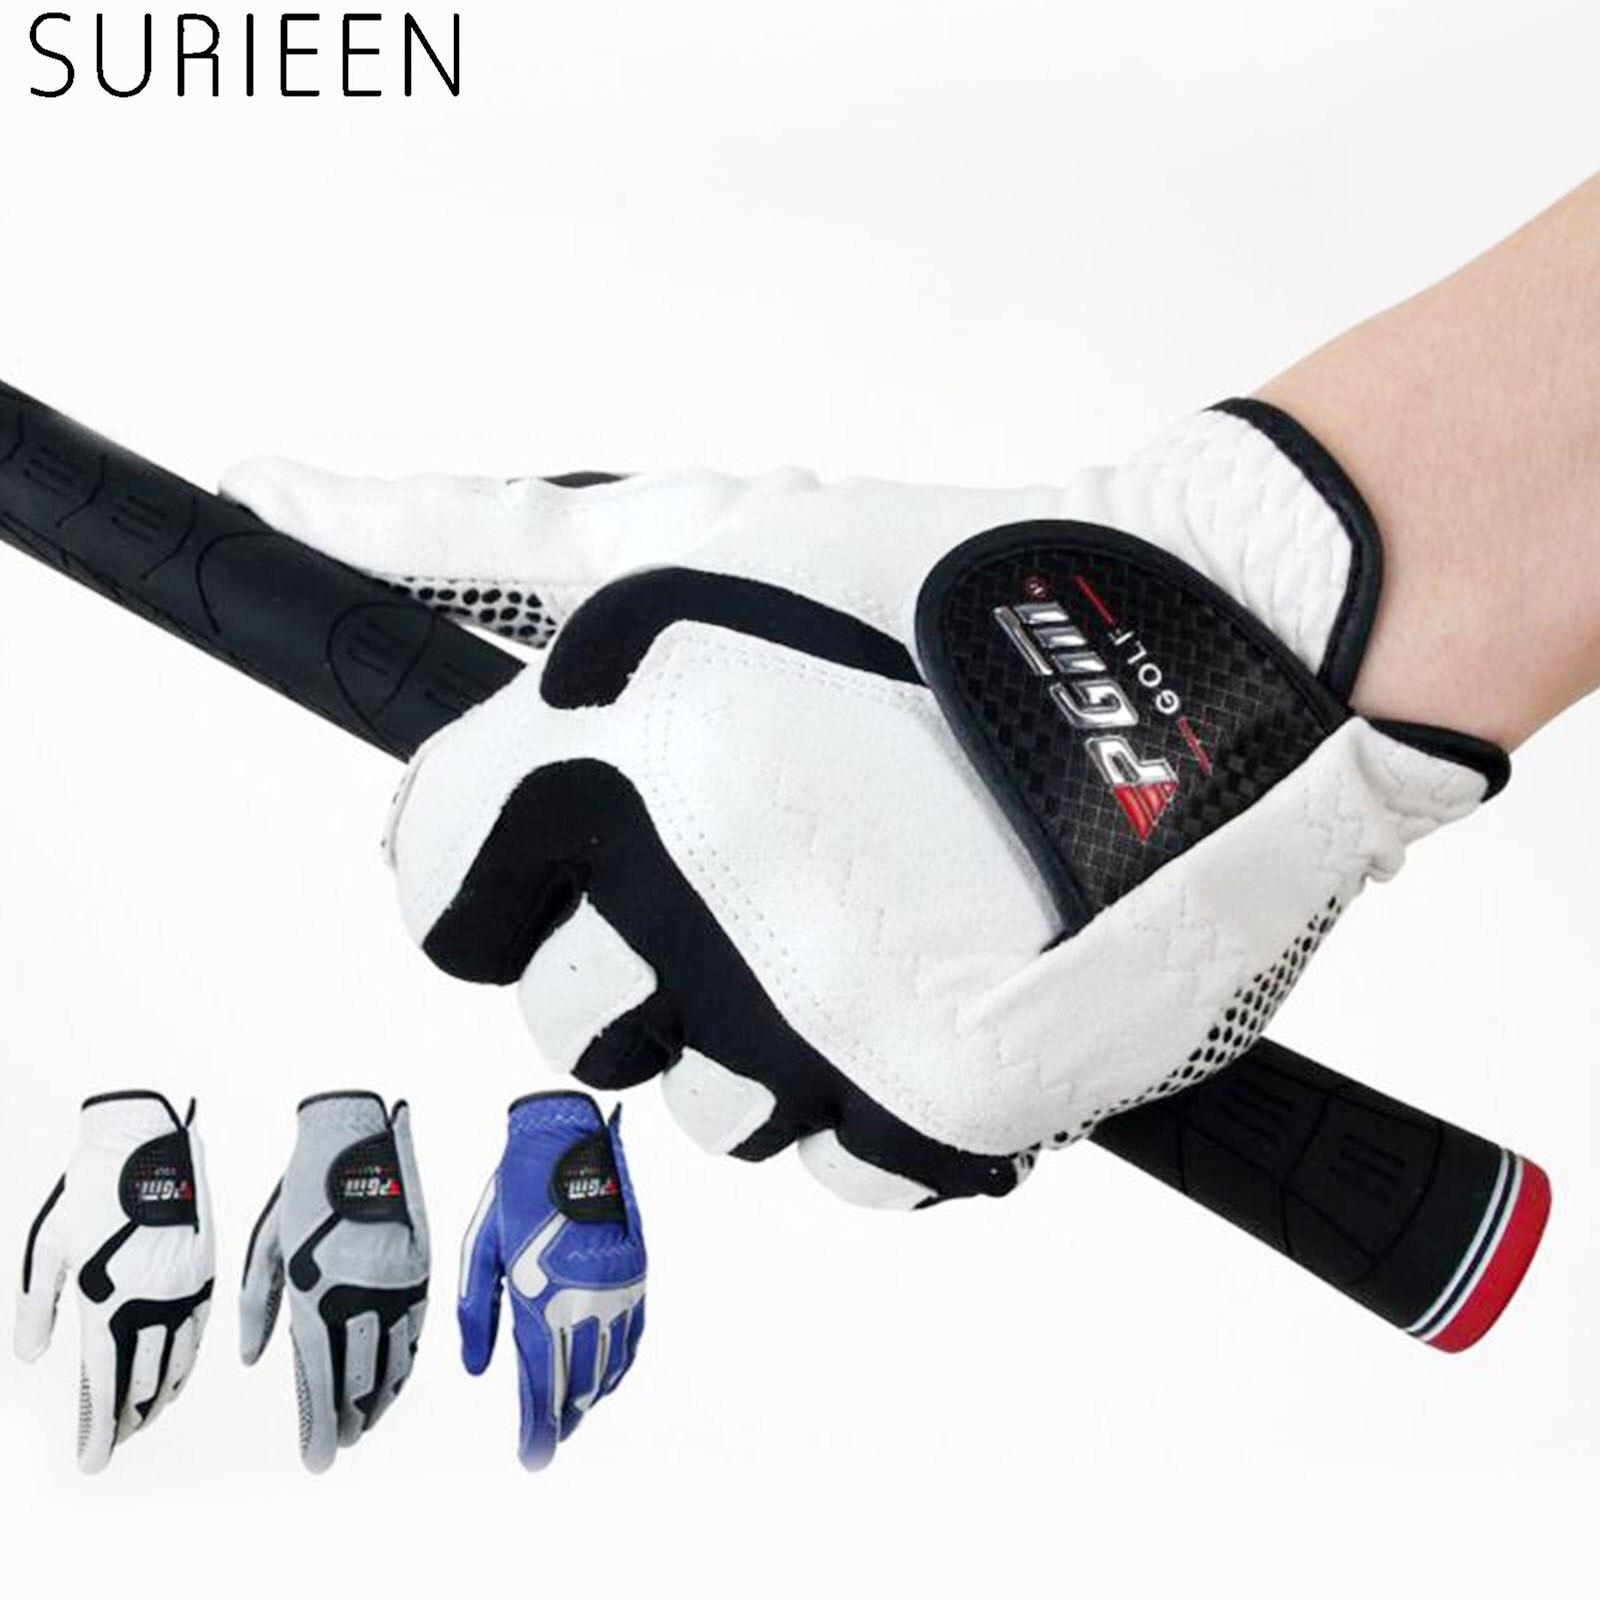 Luvas de Golfe de Microfibra Luvas de Golfe Esportes ao ar Surieen Novas Macio Esquerda Respirável Anti-derrapagem Masculino Não Resistente Livre Mão